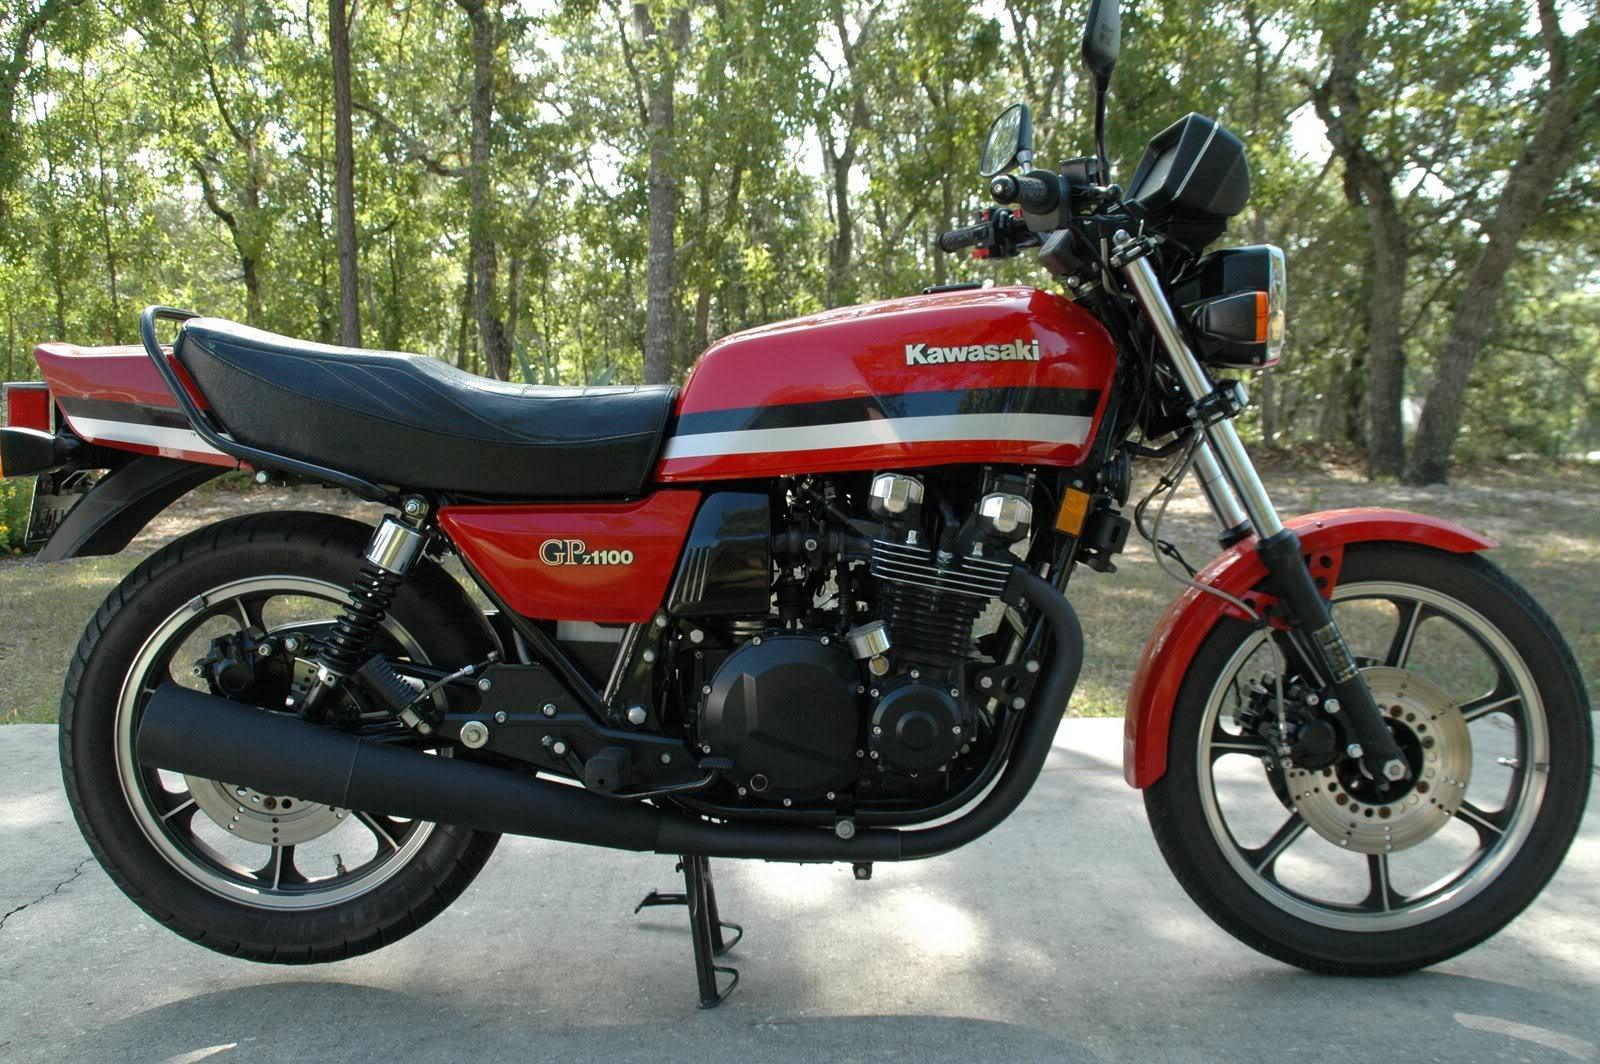 KAWASAKI GPZ 1100 black